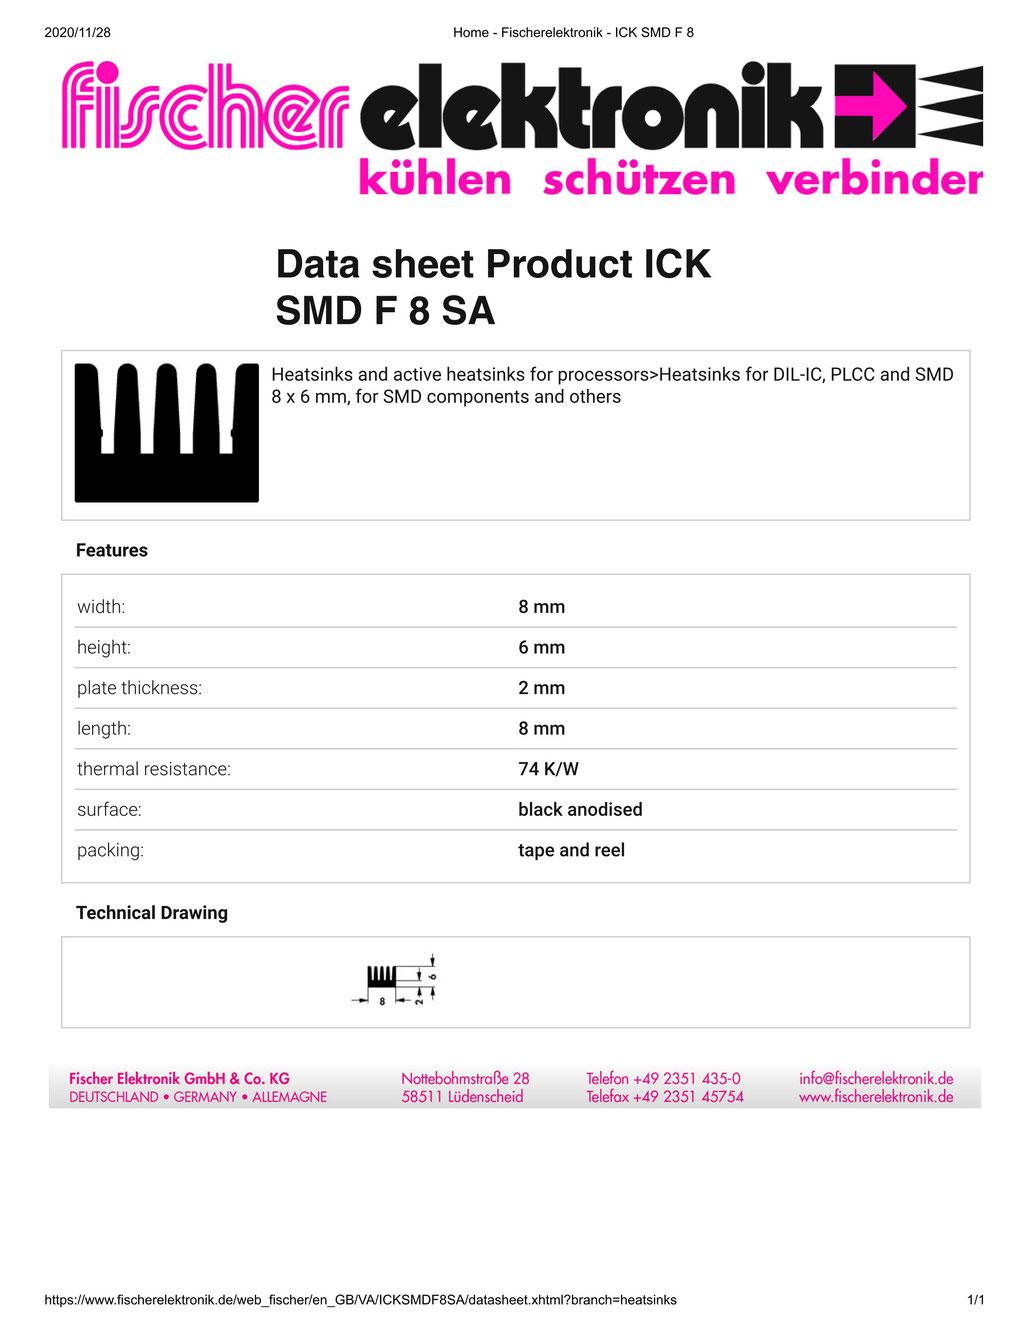 ICKSMDF8SA Fischer/フィッシャー 表面実装デバイス用 ヒートシンク